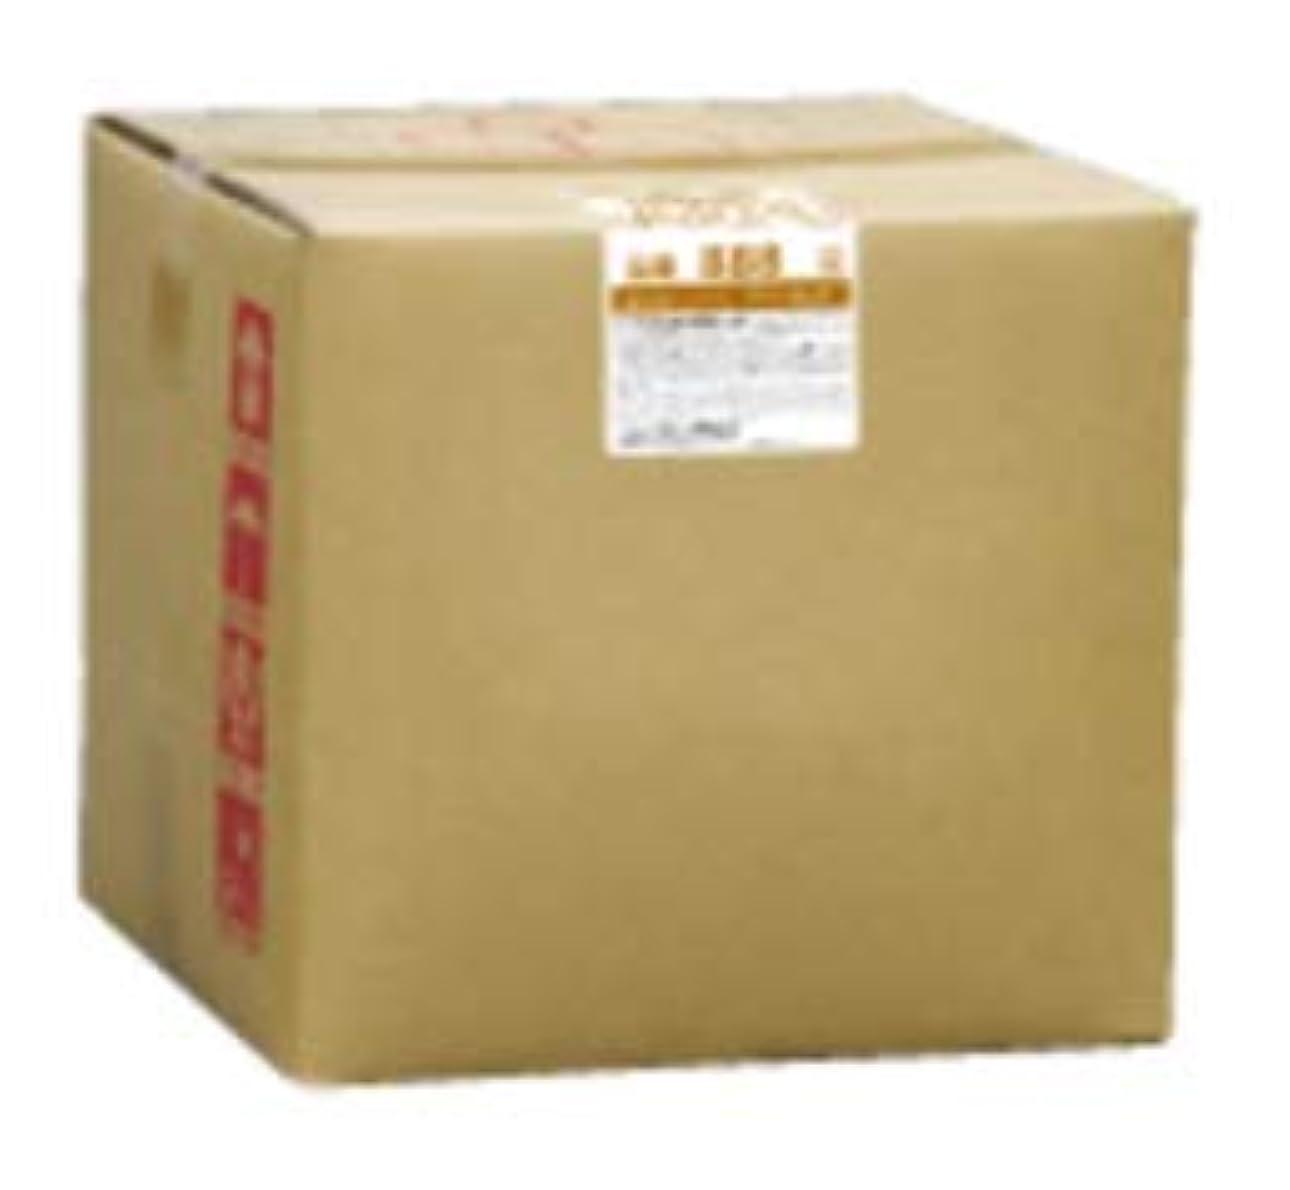 松メーター些細フタバ化学 スパジアス ボディソープ 18L 詰め替え 800ml専用空容器付 黒糖と蜂蜜